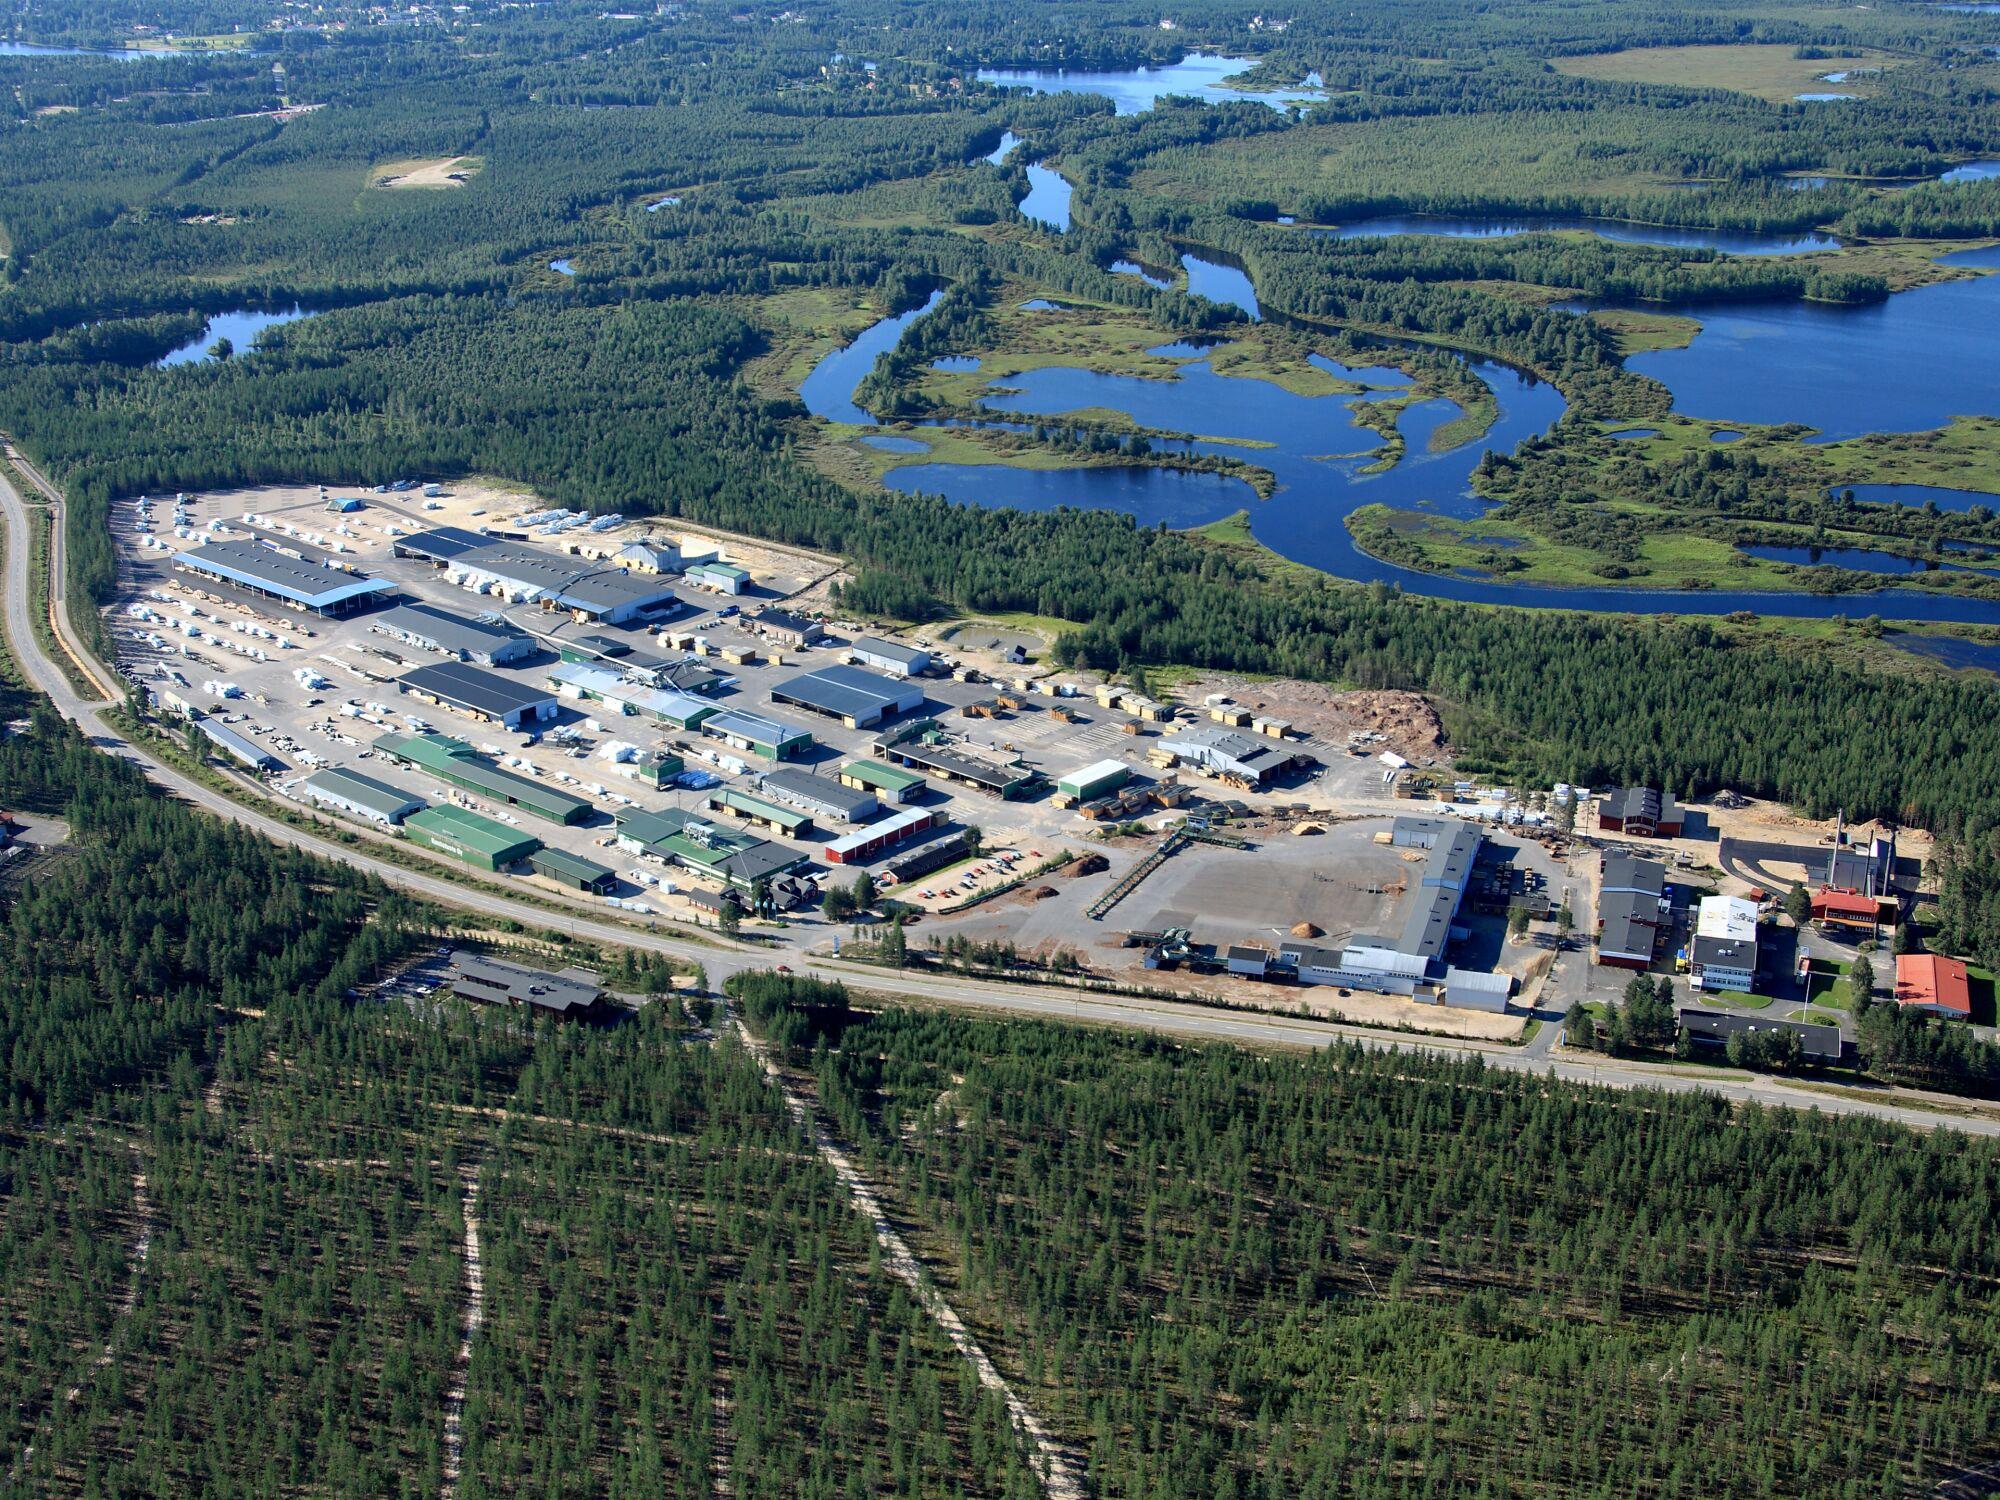 Kontios fabrik i norra Finland är den största och modernaste timmerhusfabriken i världen